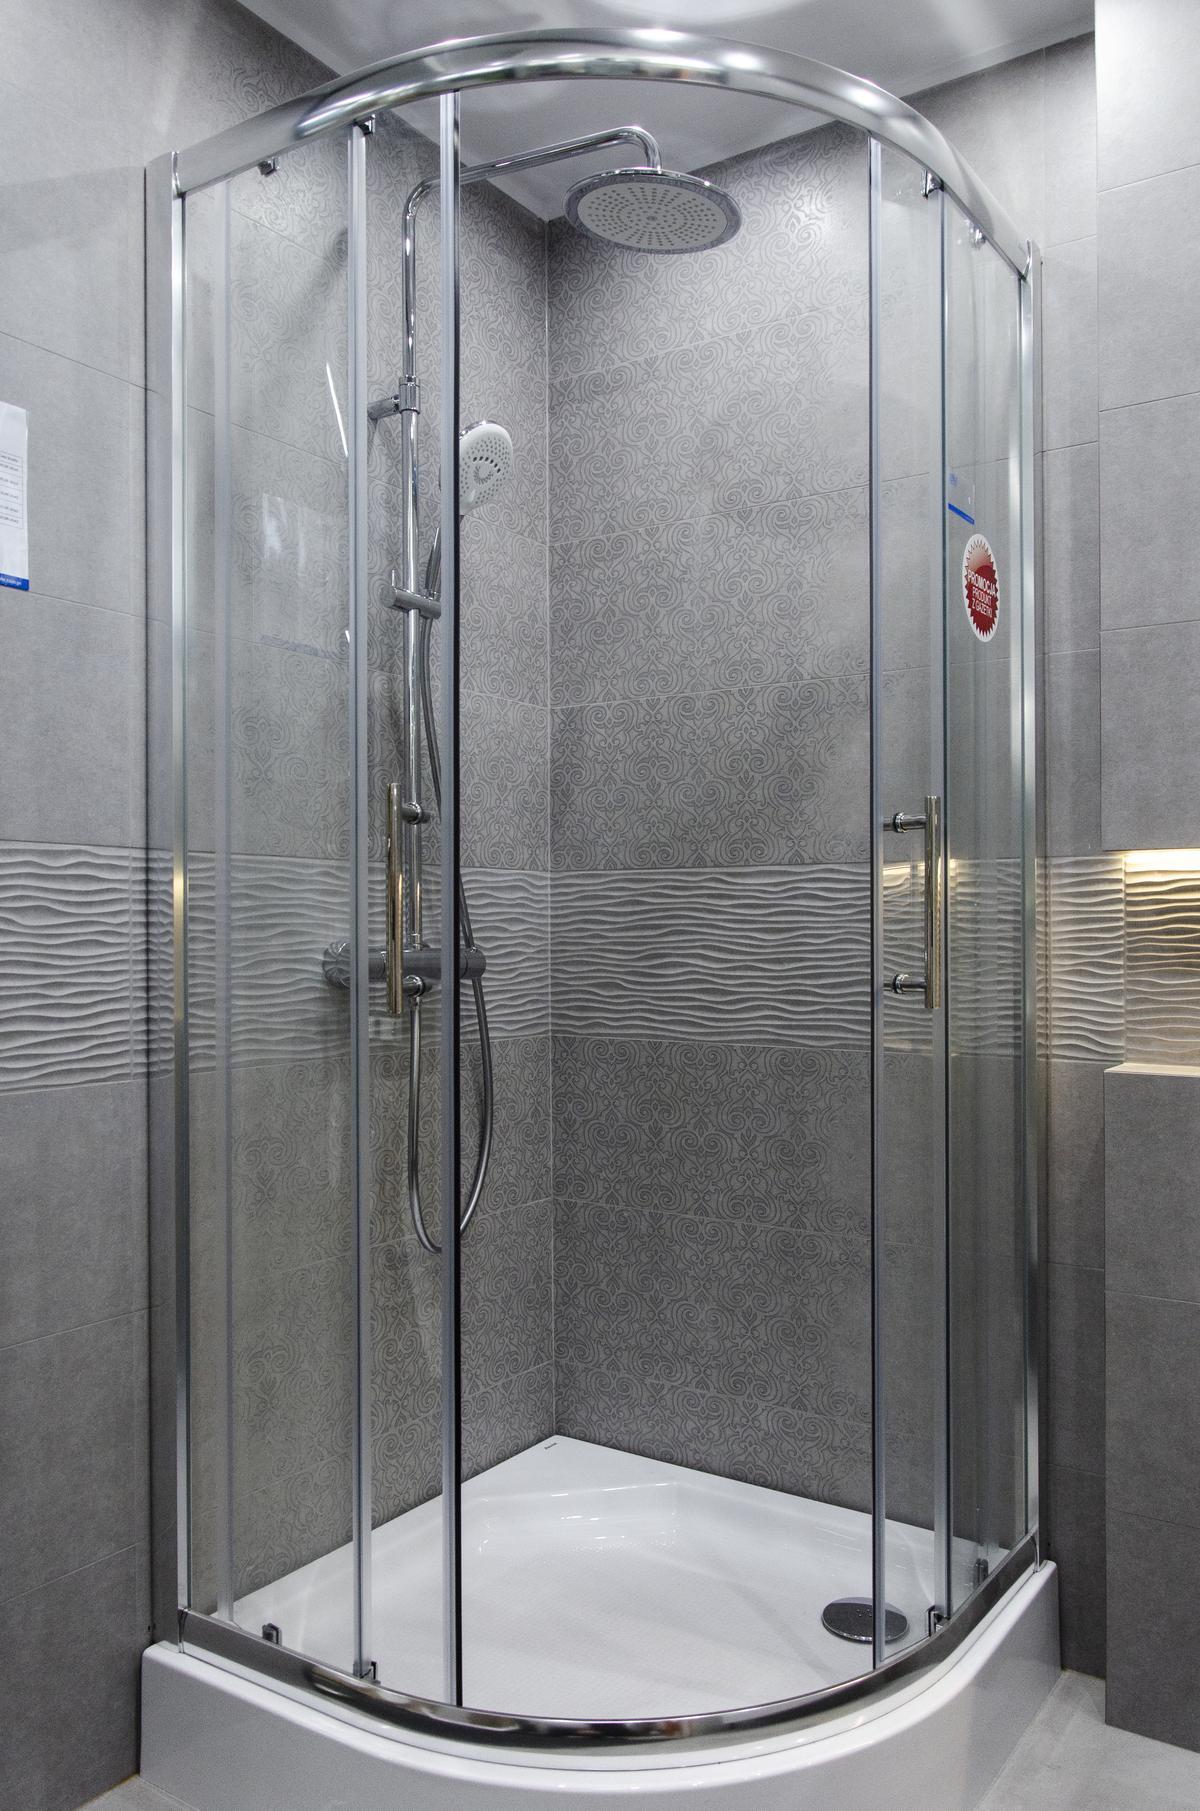 Kabina prysznicowa półokrągła z baterią natryskową z deszczownicą - zdjęcie od BLU salon łazienek Skierniewice